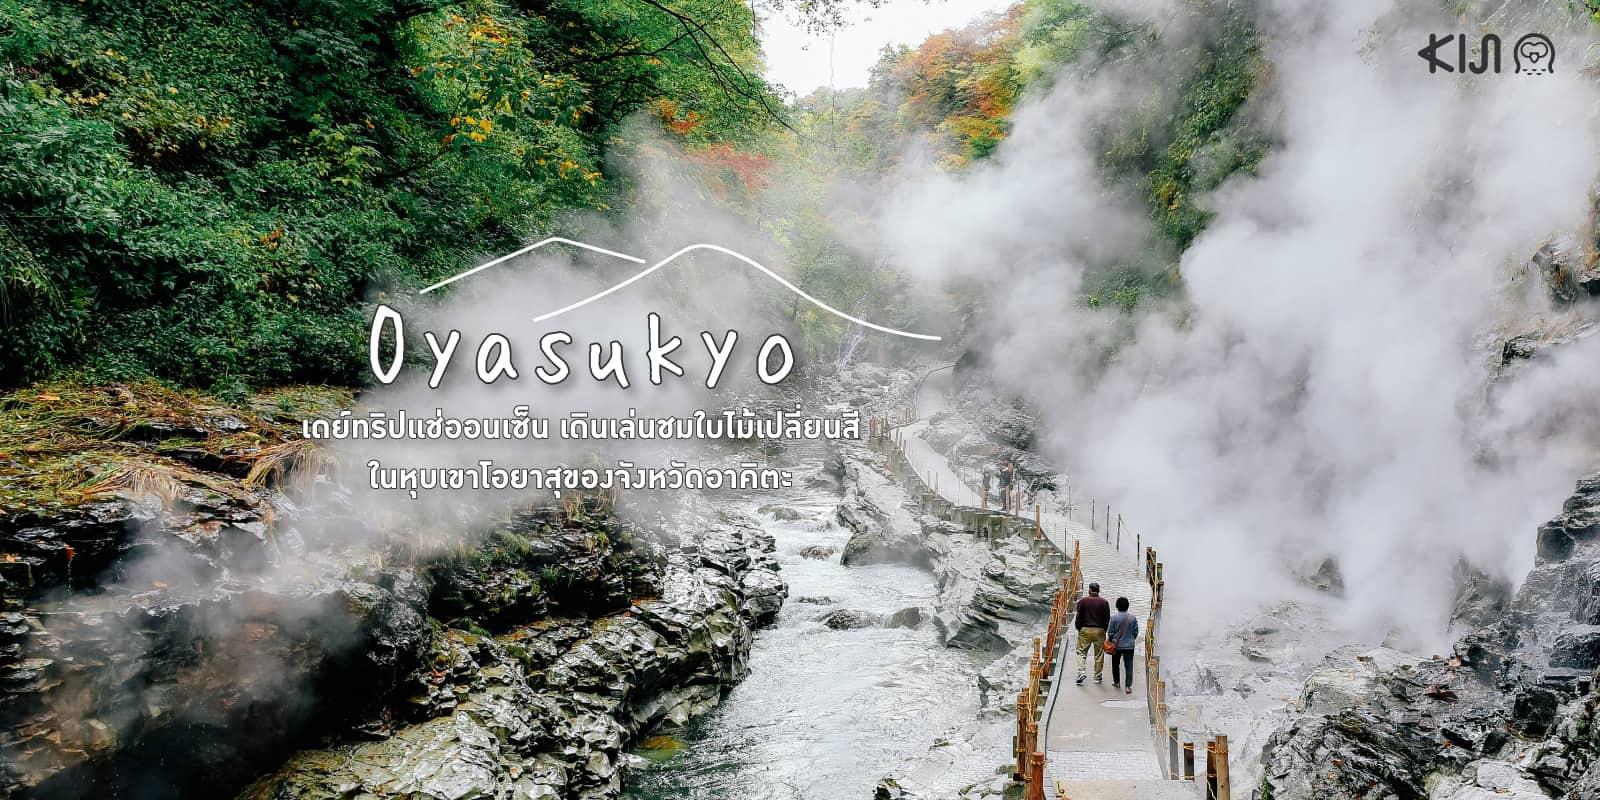 เที่ยวโอยาสุ (Oyasukyo) หุบเขาโอยาสุ อาคิตะ